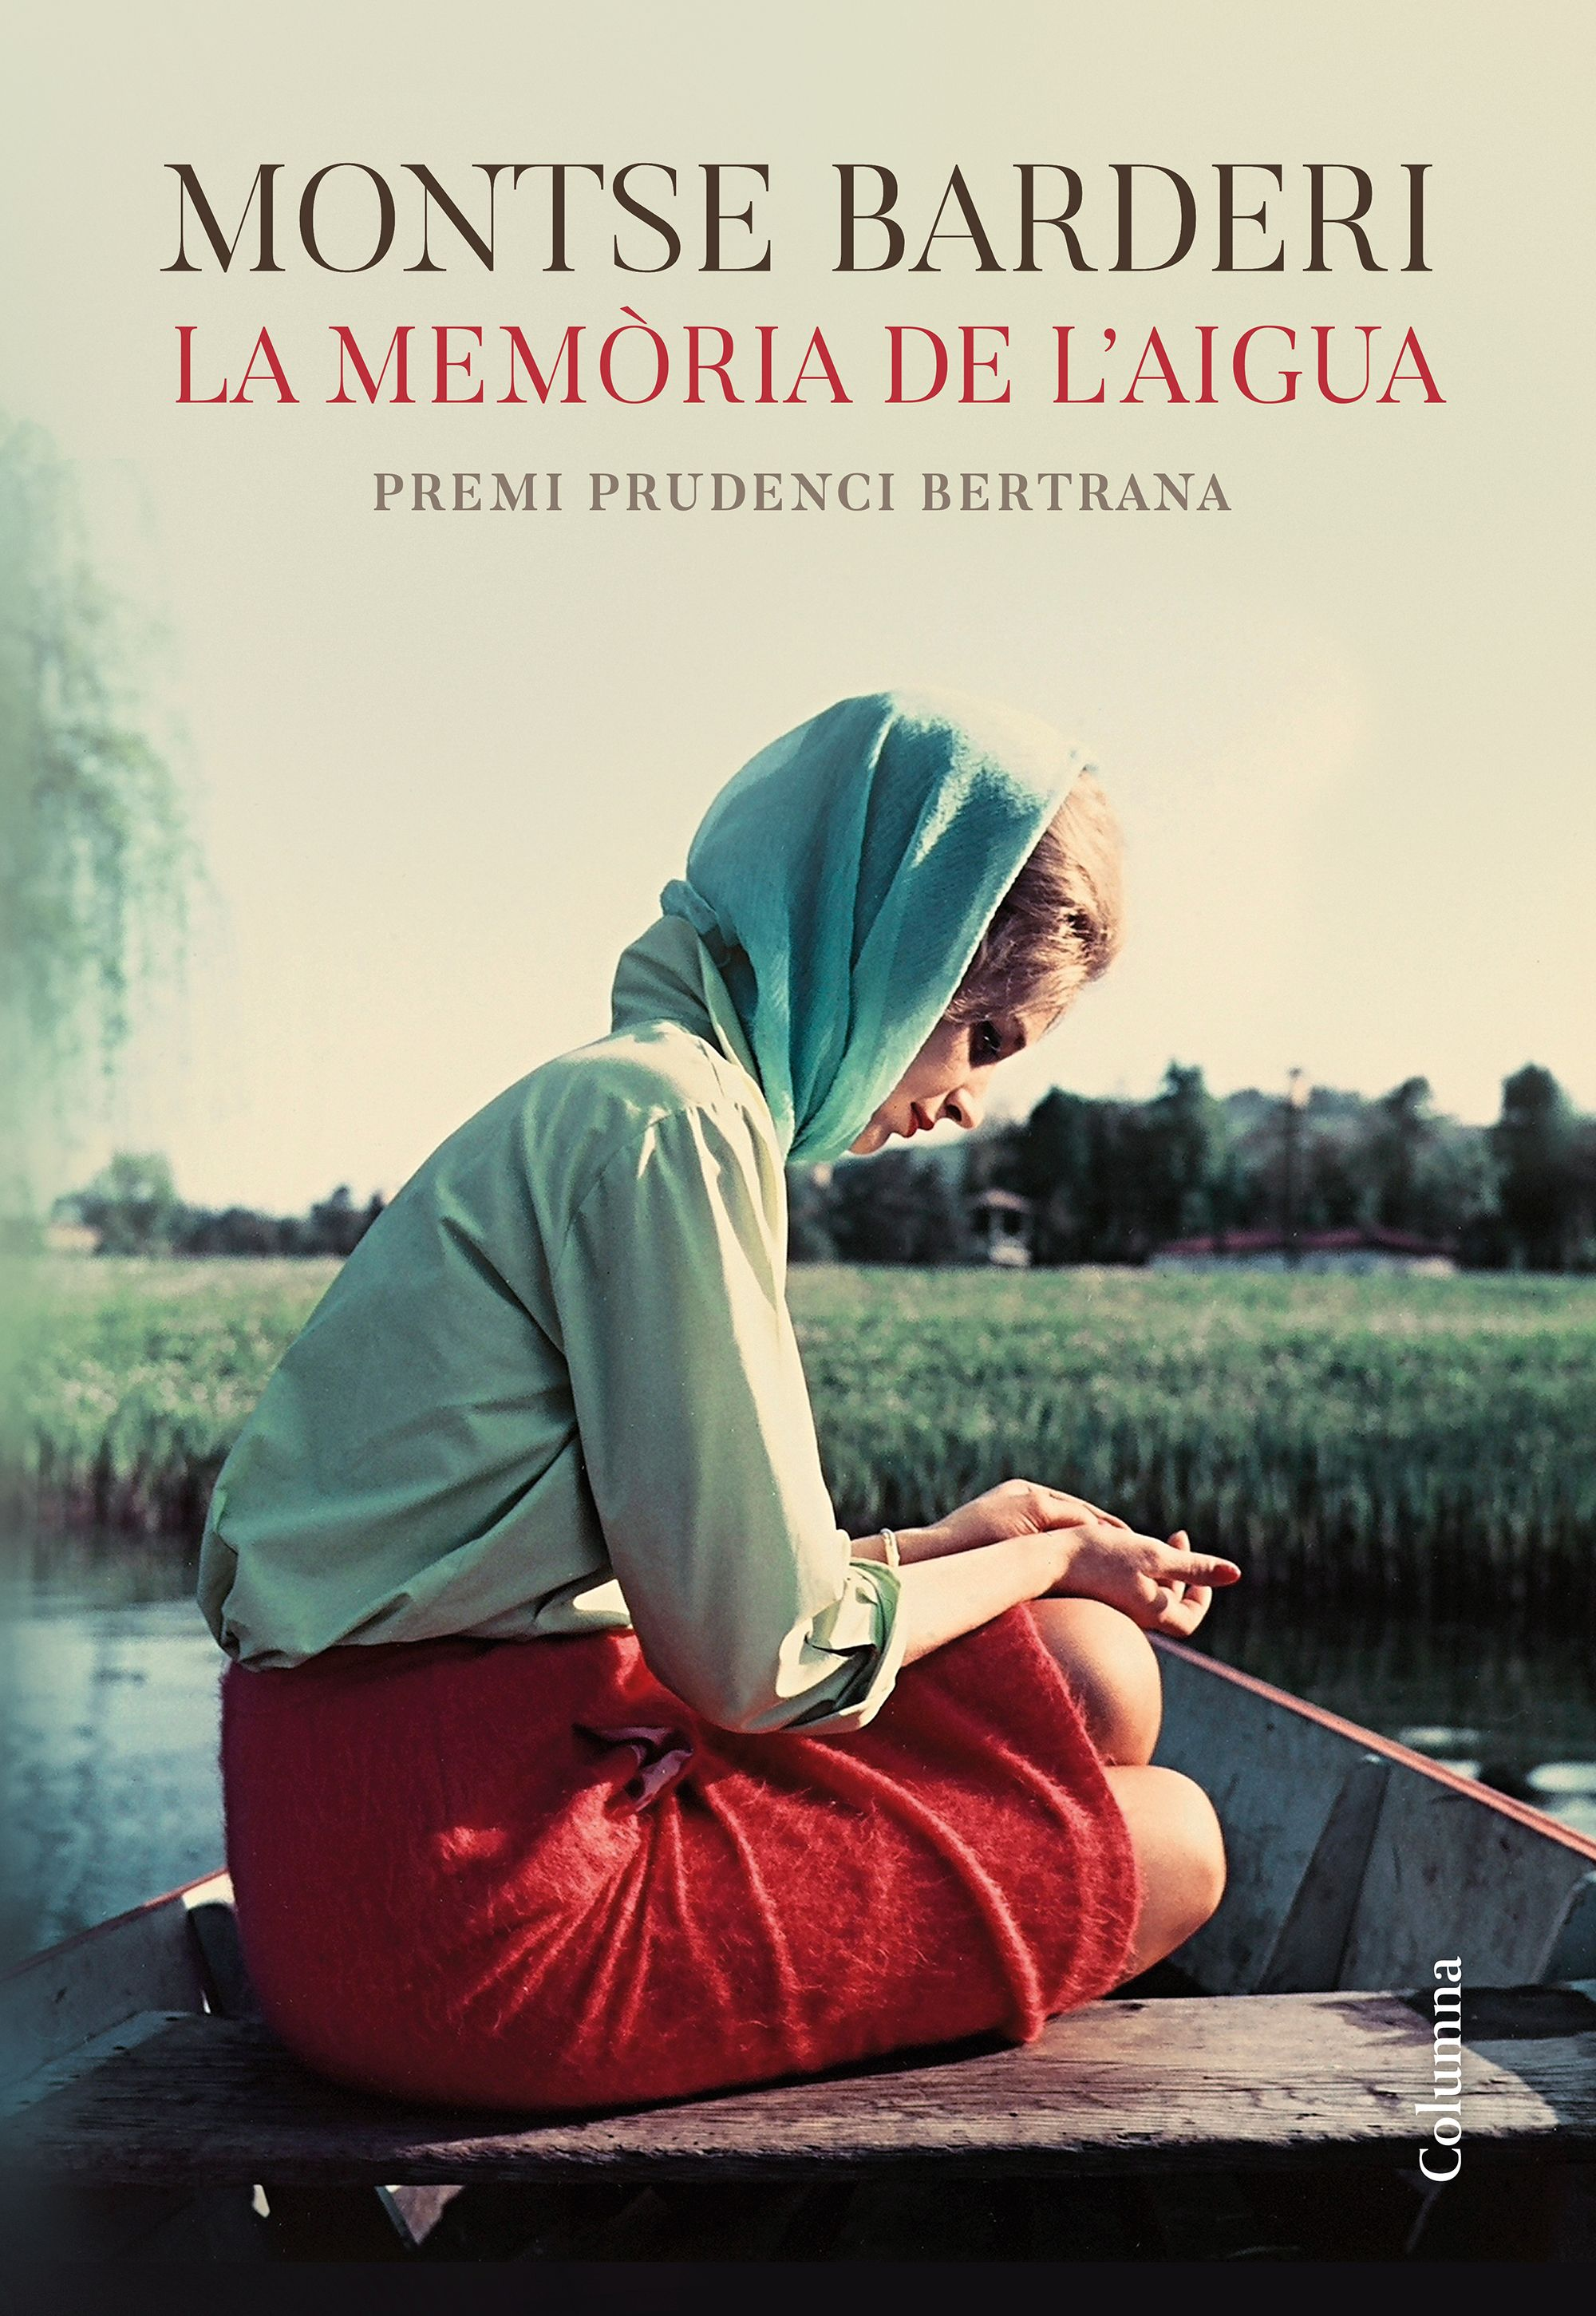 La memòria de l'aigua - Montse Barderi